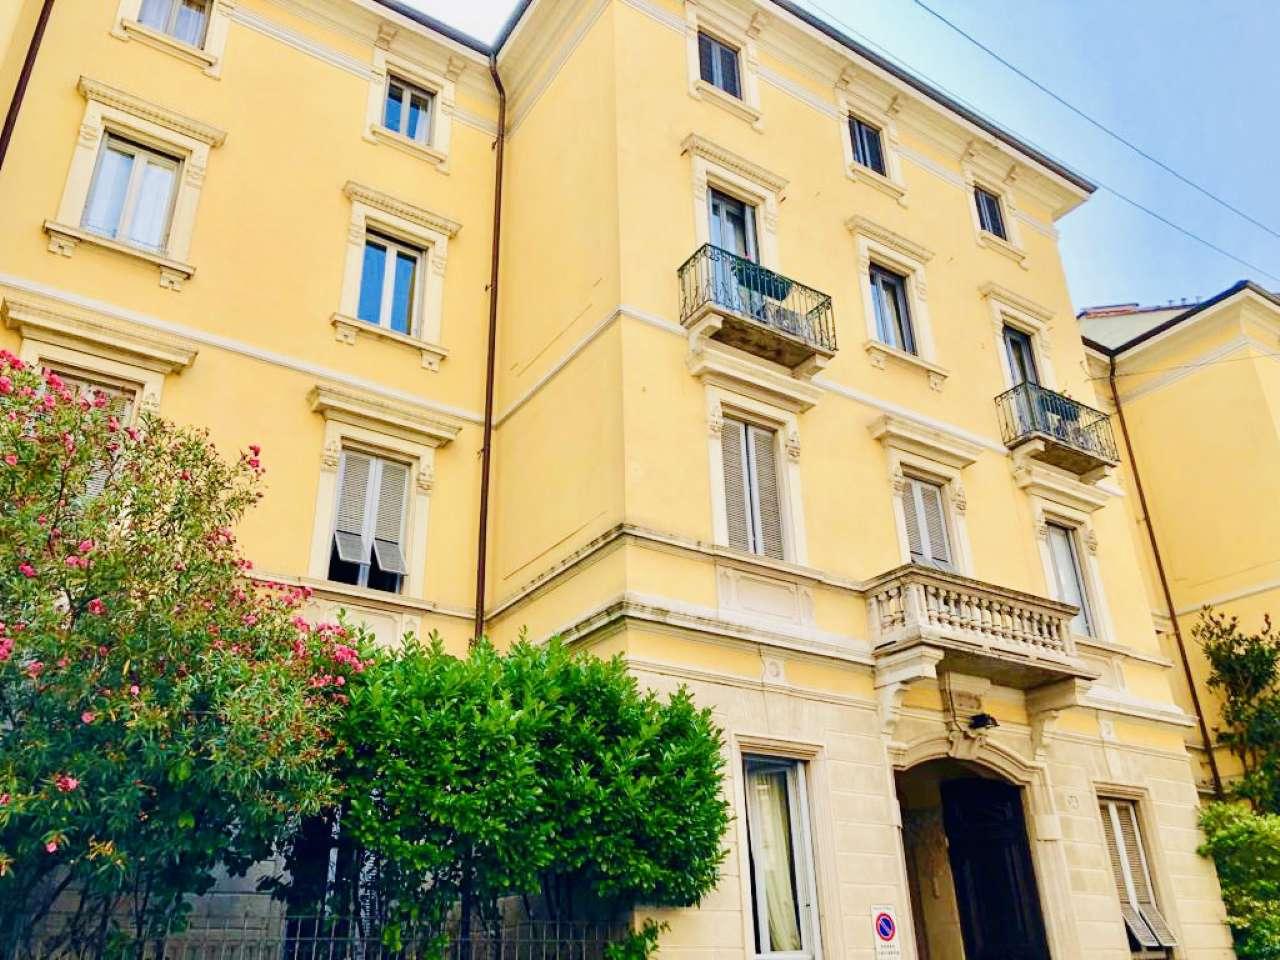 Appartamento in Affitto a Milano 01 Centro storico (Cerchia dei Navigli): 3 locali, 80 mq